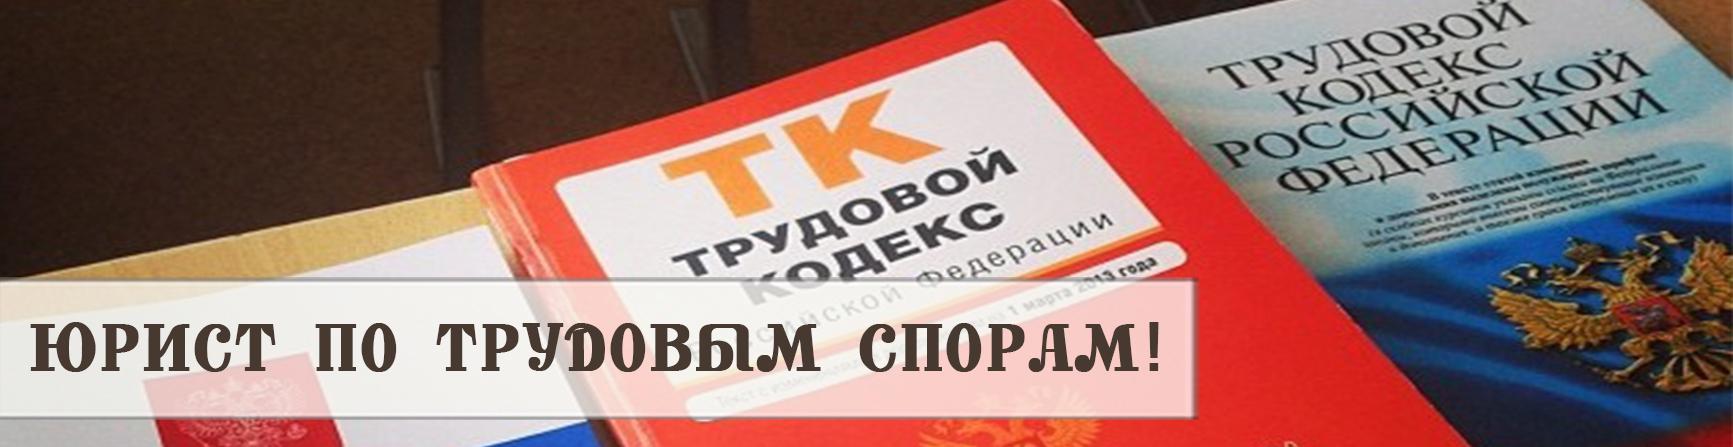 Юрист по трудовым спорам в Новосибирске